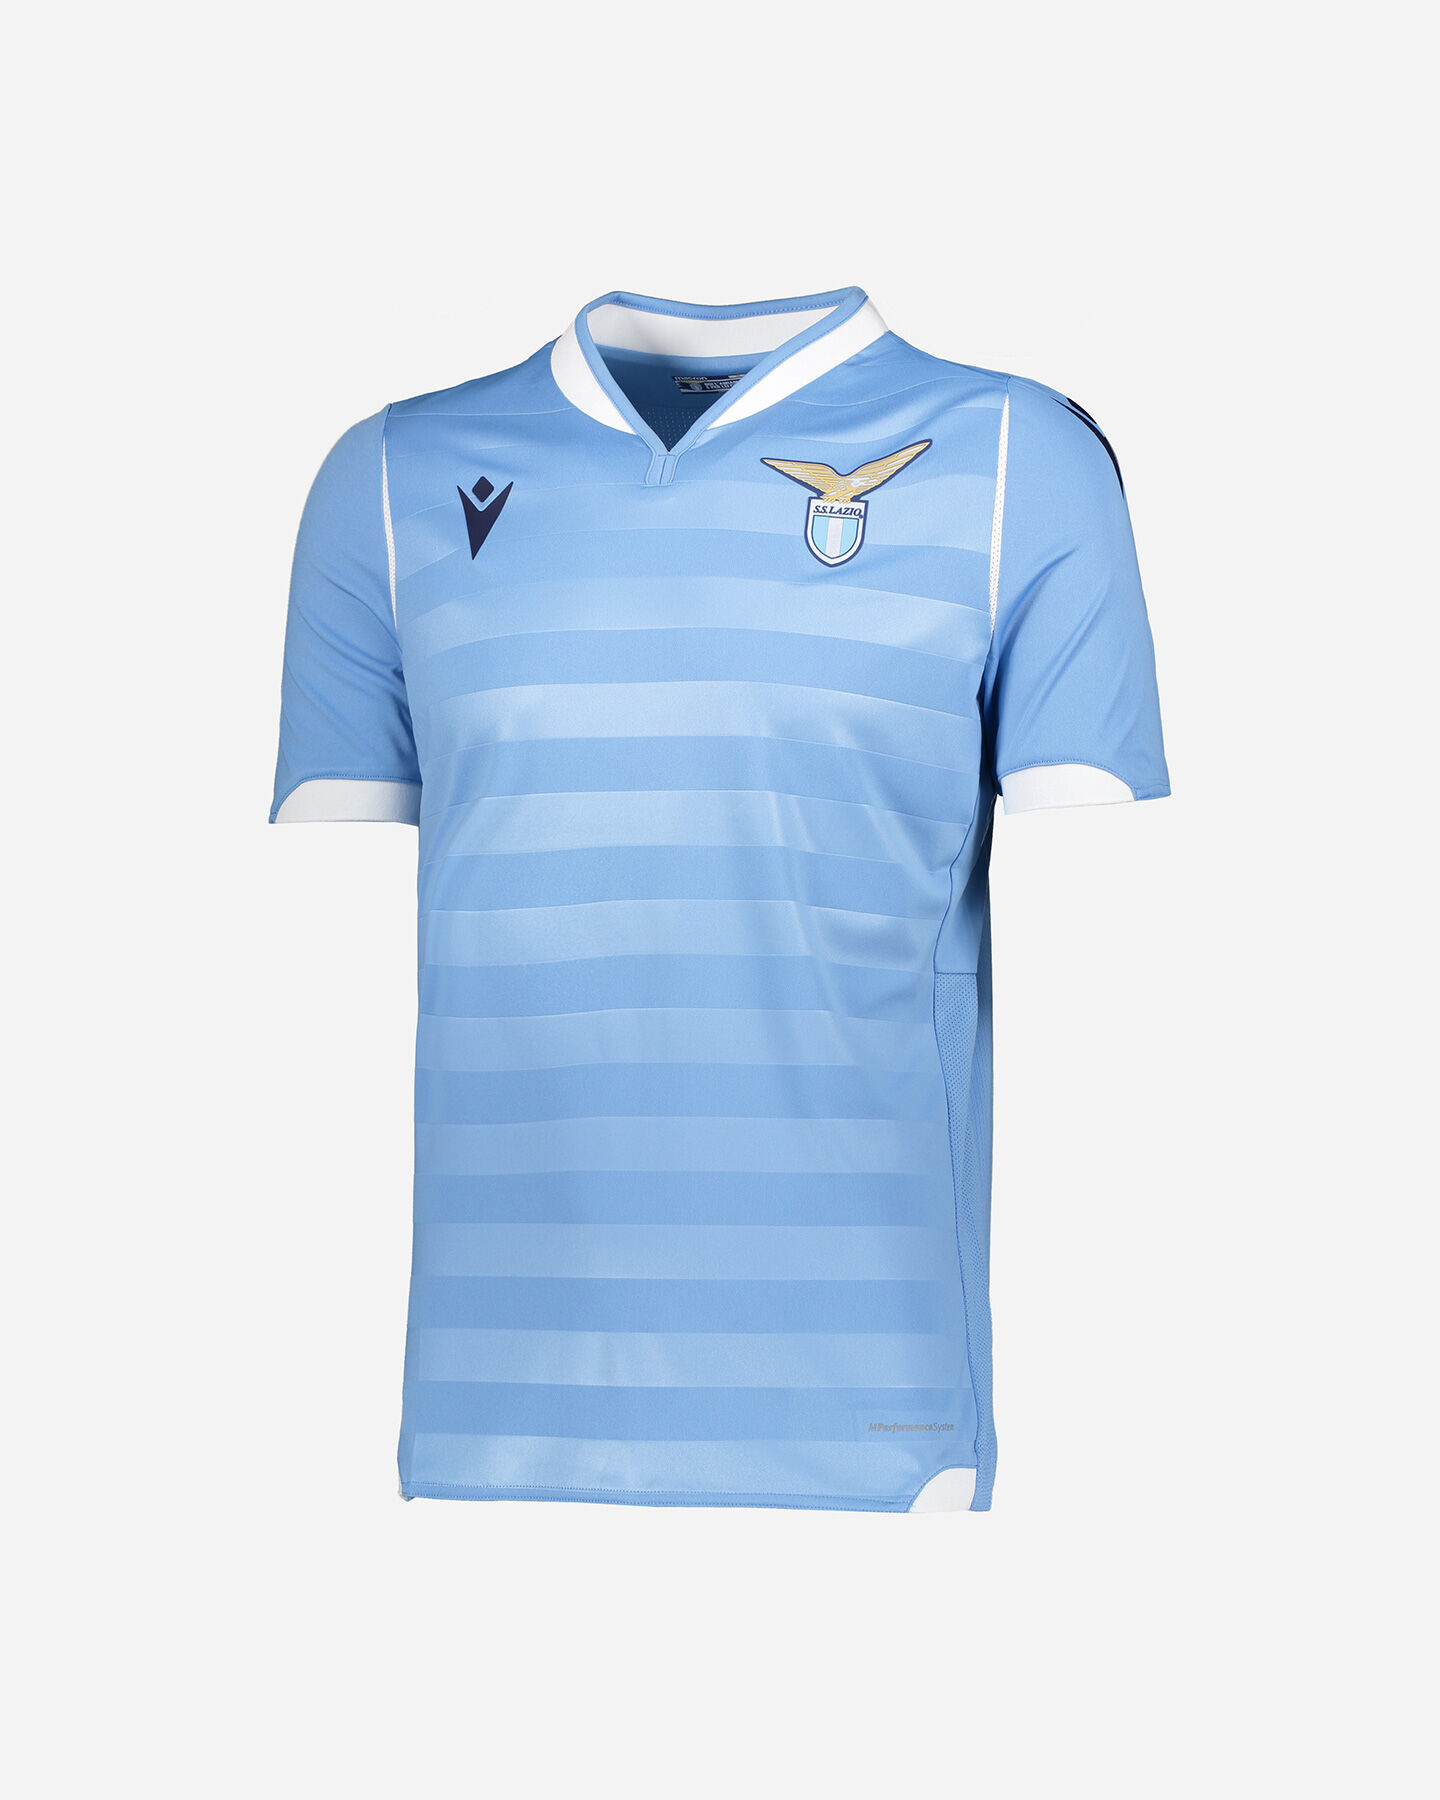 Maglia Calcio Macron Lazio Home 19-20 M 58014120 | Cisalfa Sport